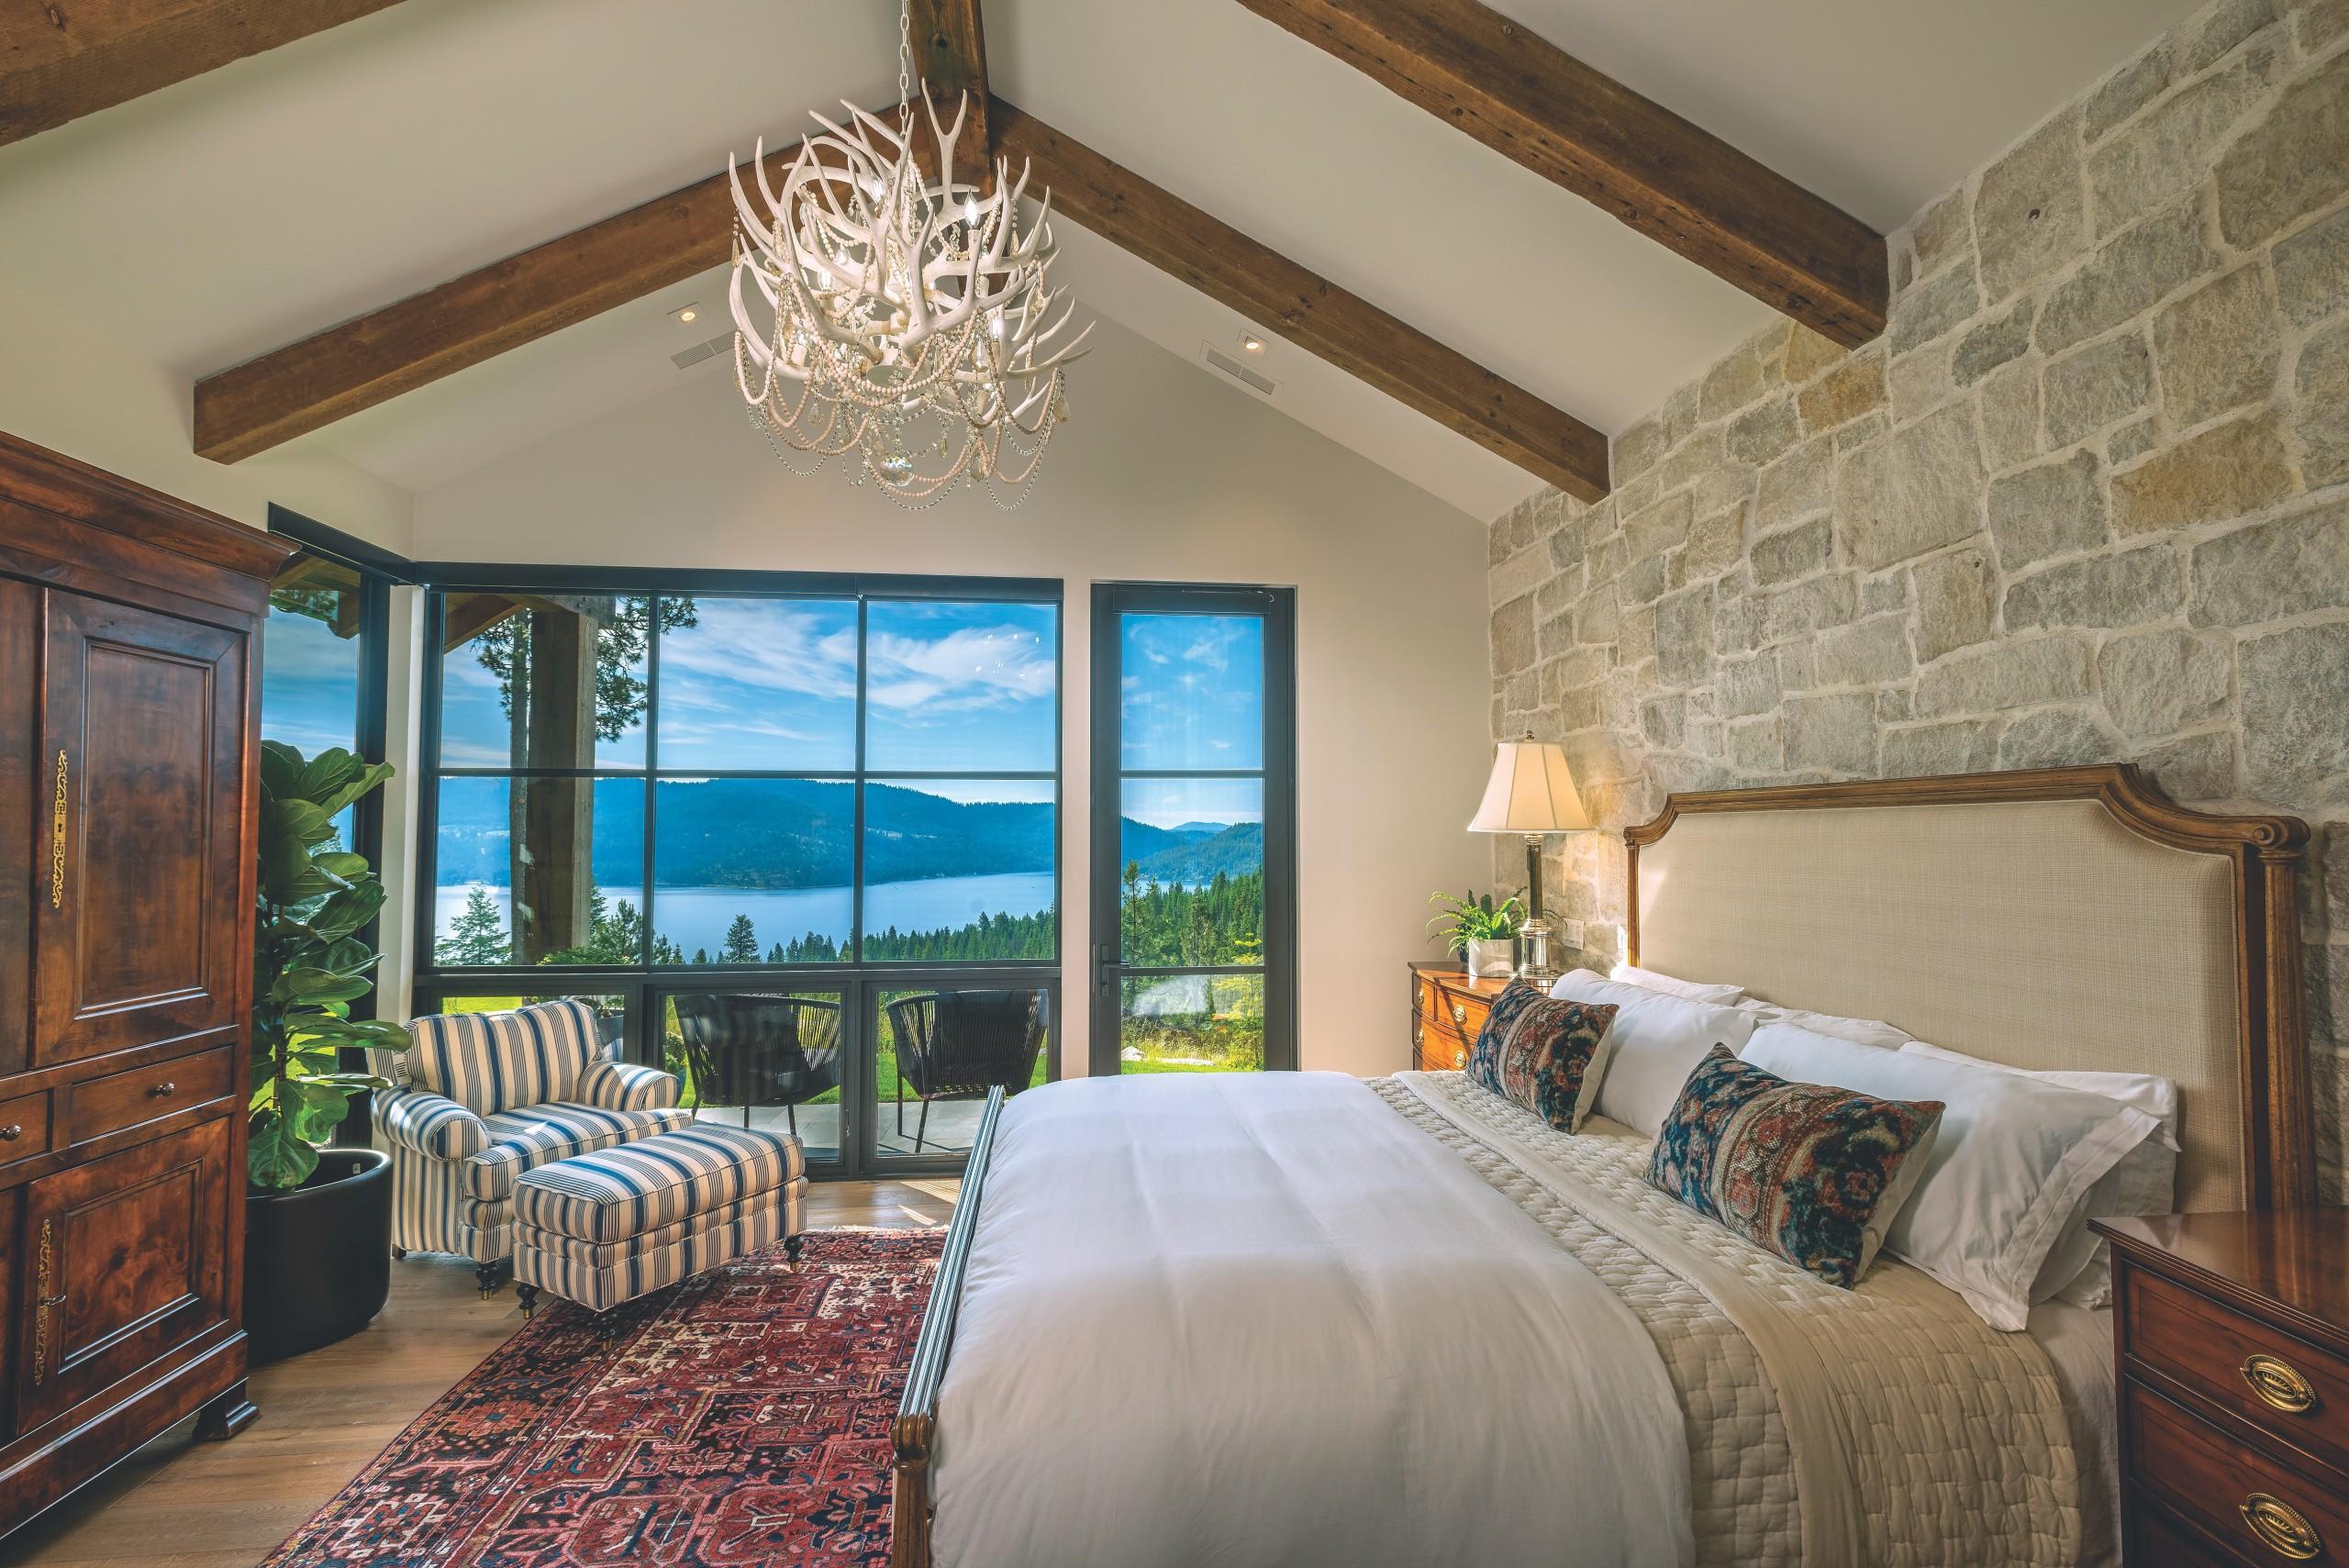 Idaho Bed